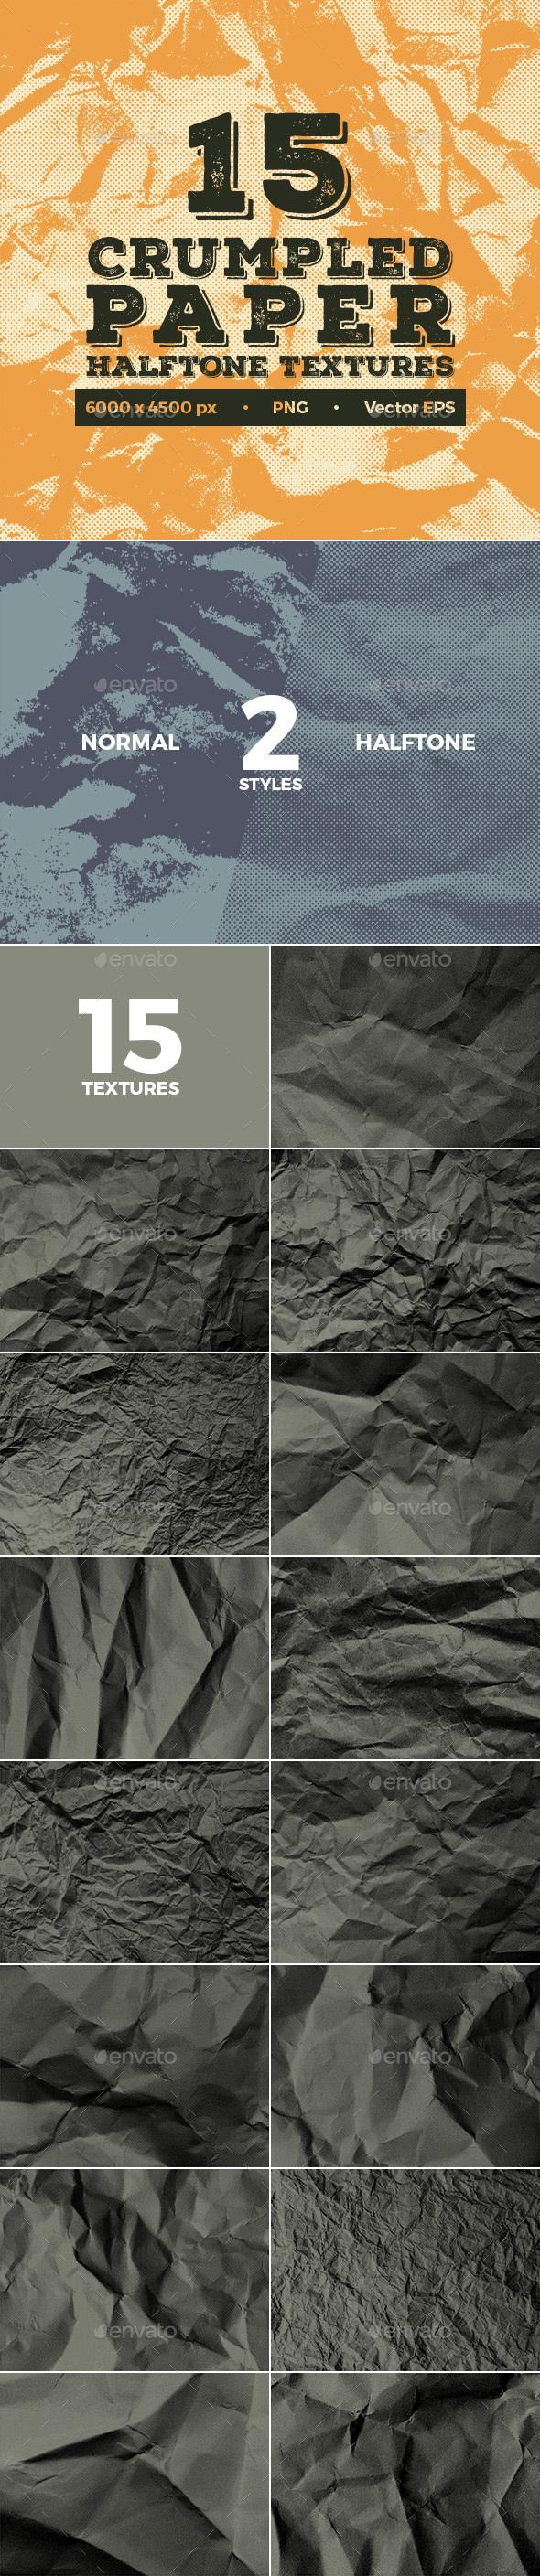 15 Crumpled Paper Halftone Textures - Paper Textures